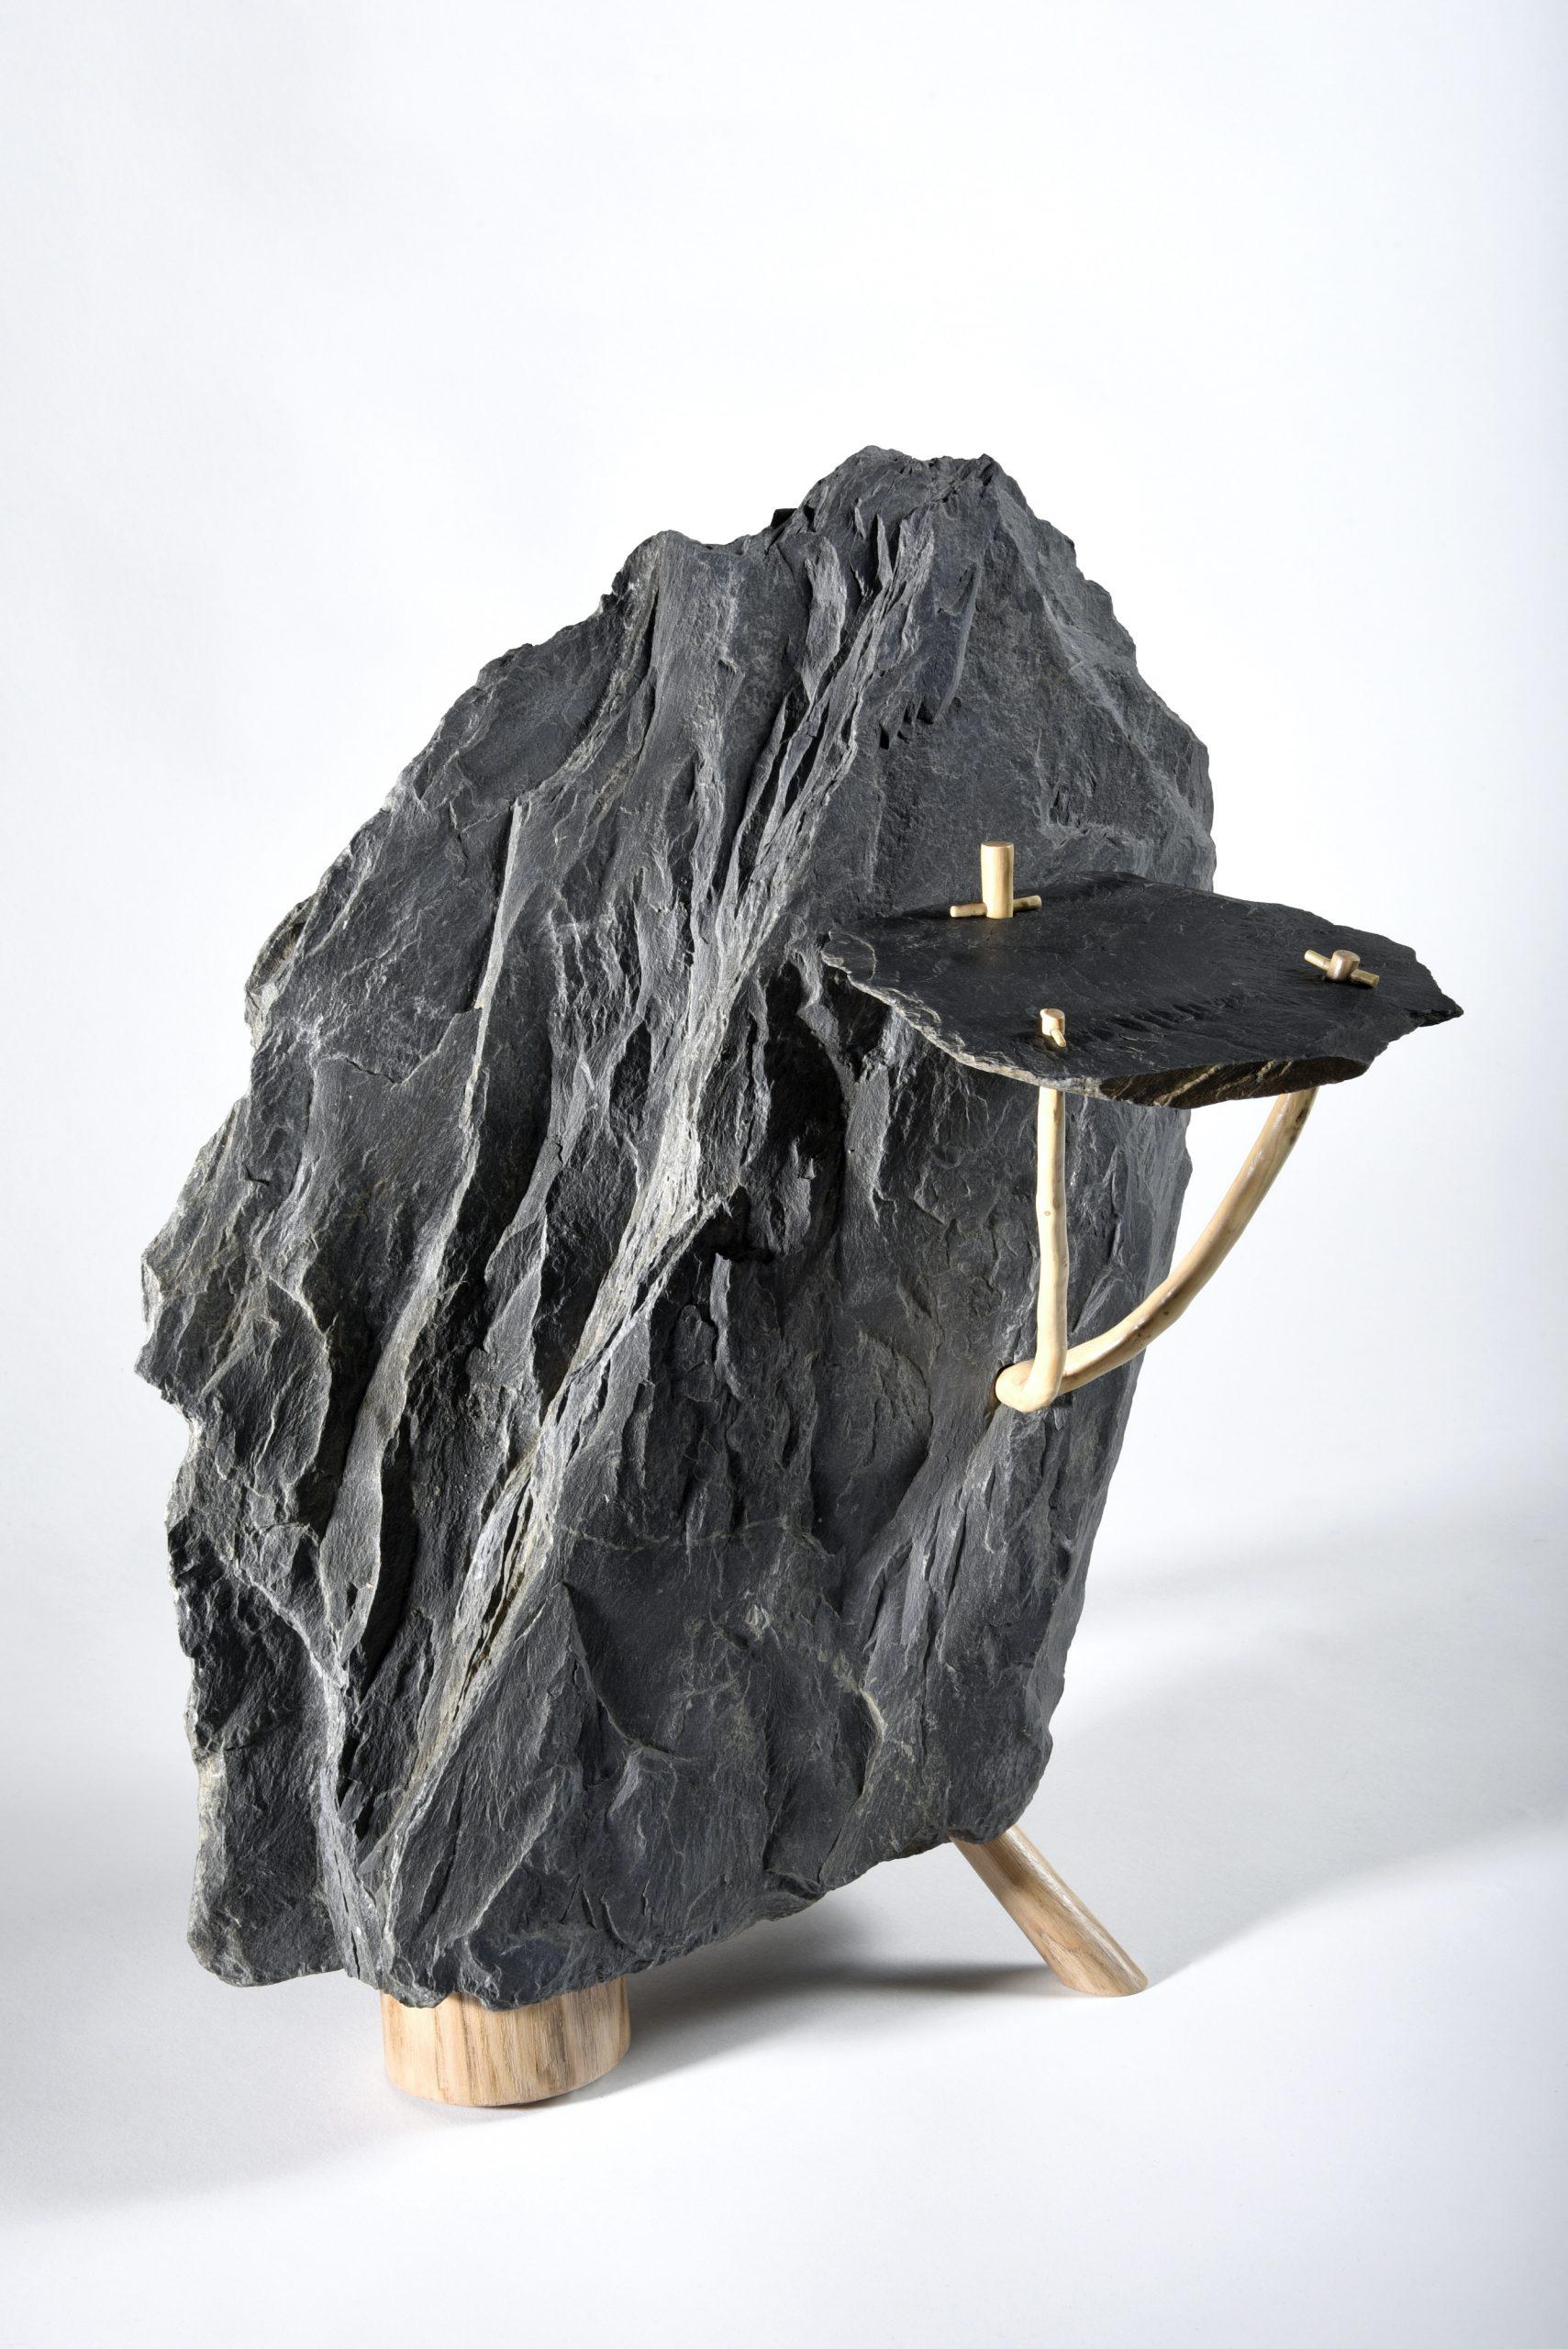 Grégoire Lavigne, sculpture assemblage bois et roche représenté par galerie d'art Virginie Baro